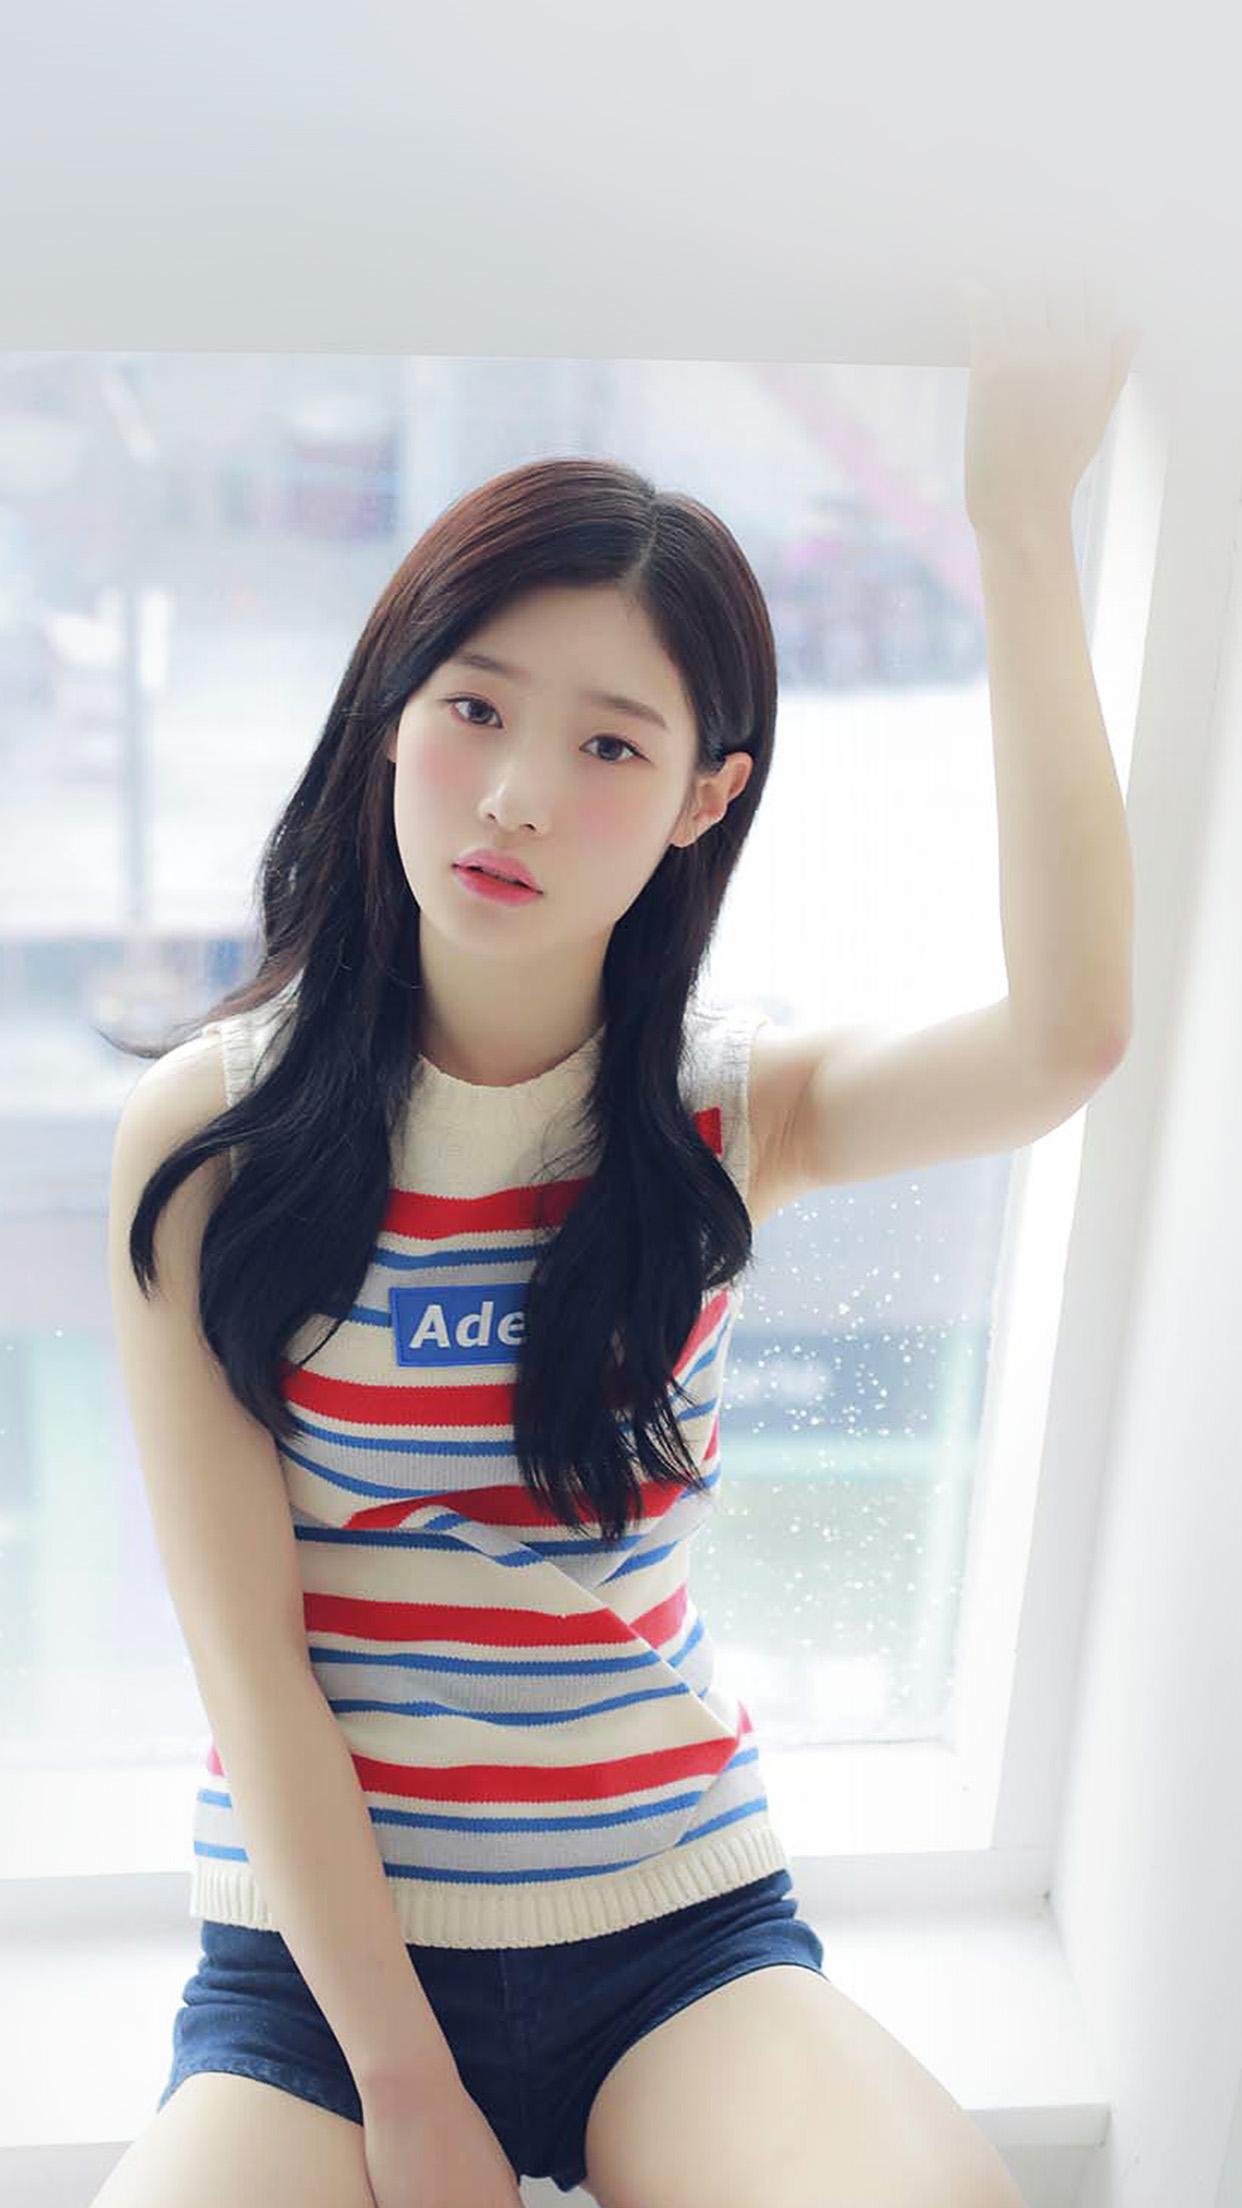 Hl85 Chaeyeon Ioi Kpop Girl White Cute